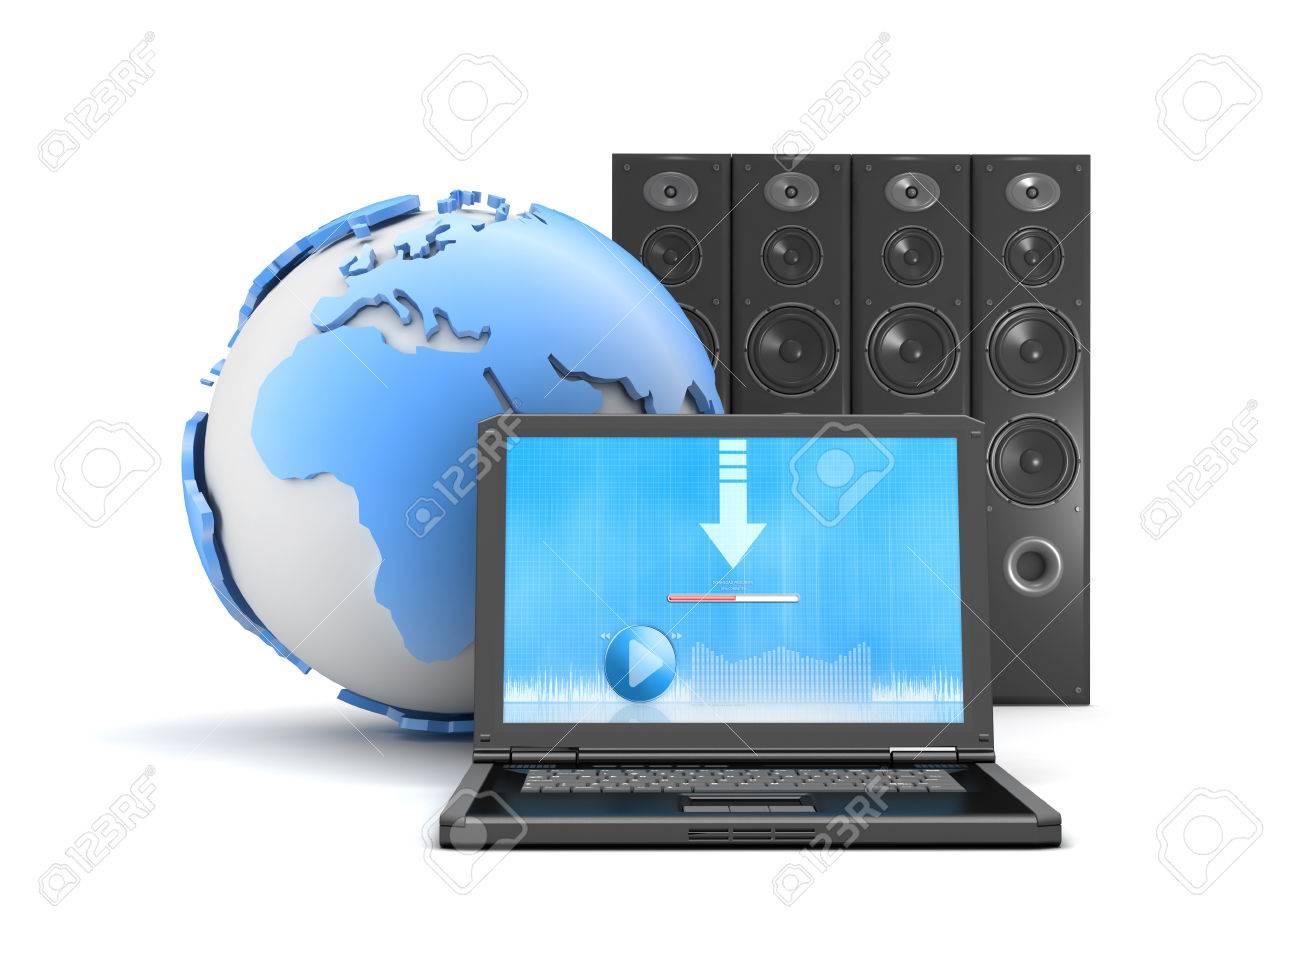 Telecharger musique gratuitement pour portable.